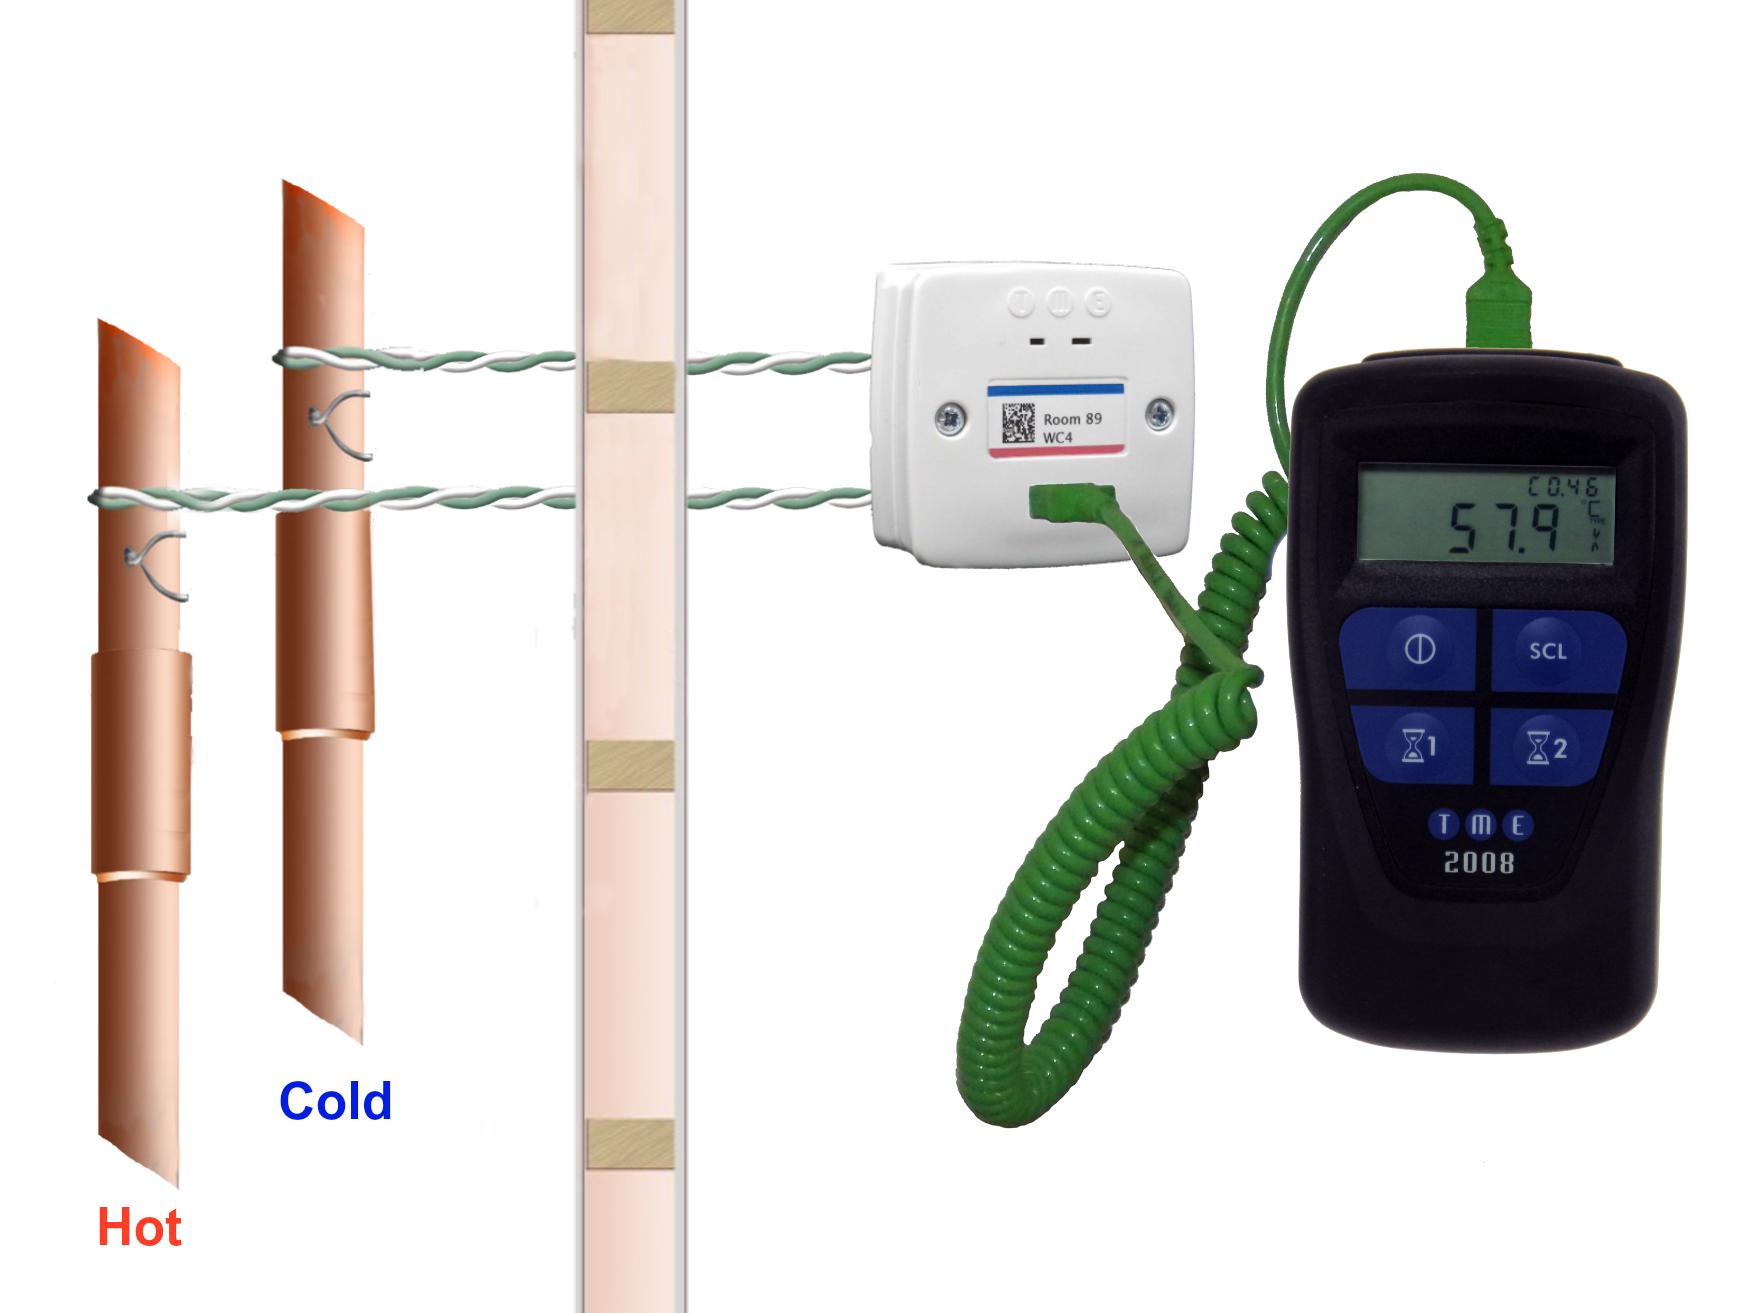 New Temperature Accessory Doubles Legionella Prevention